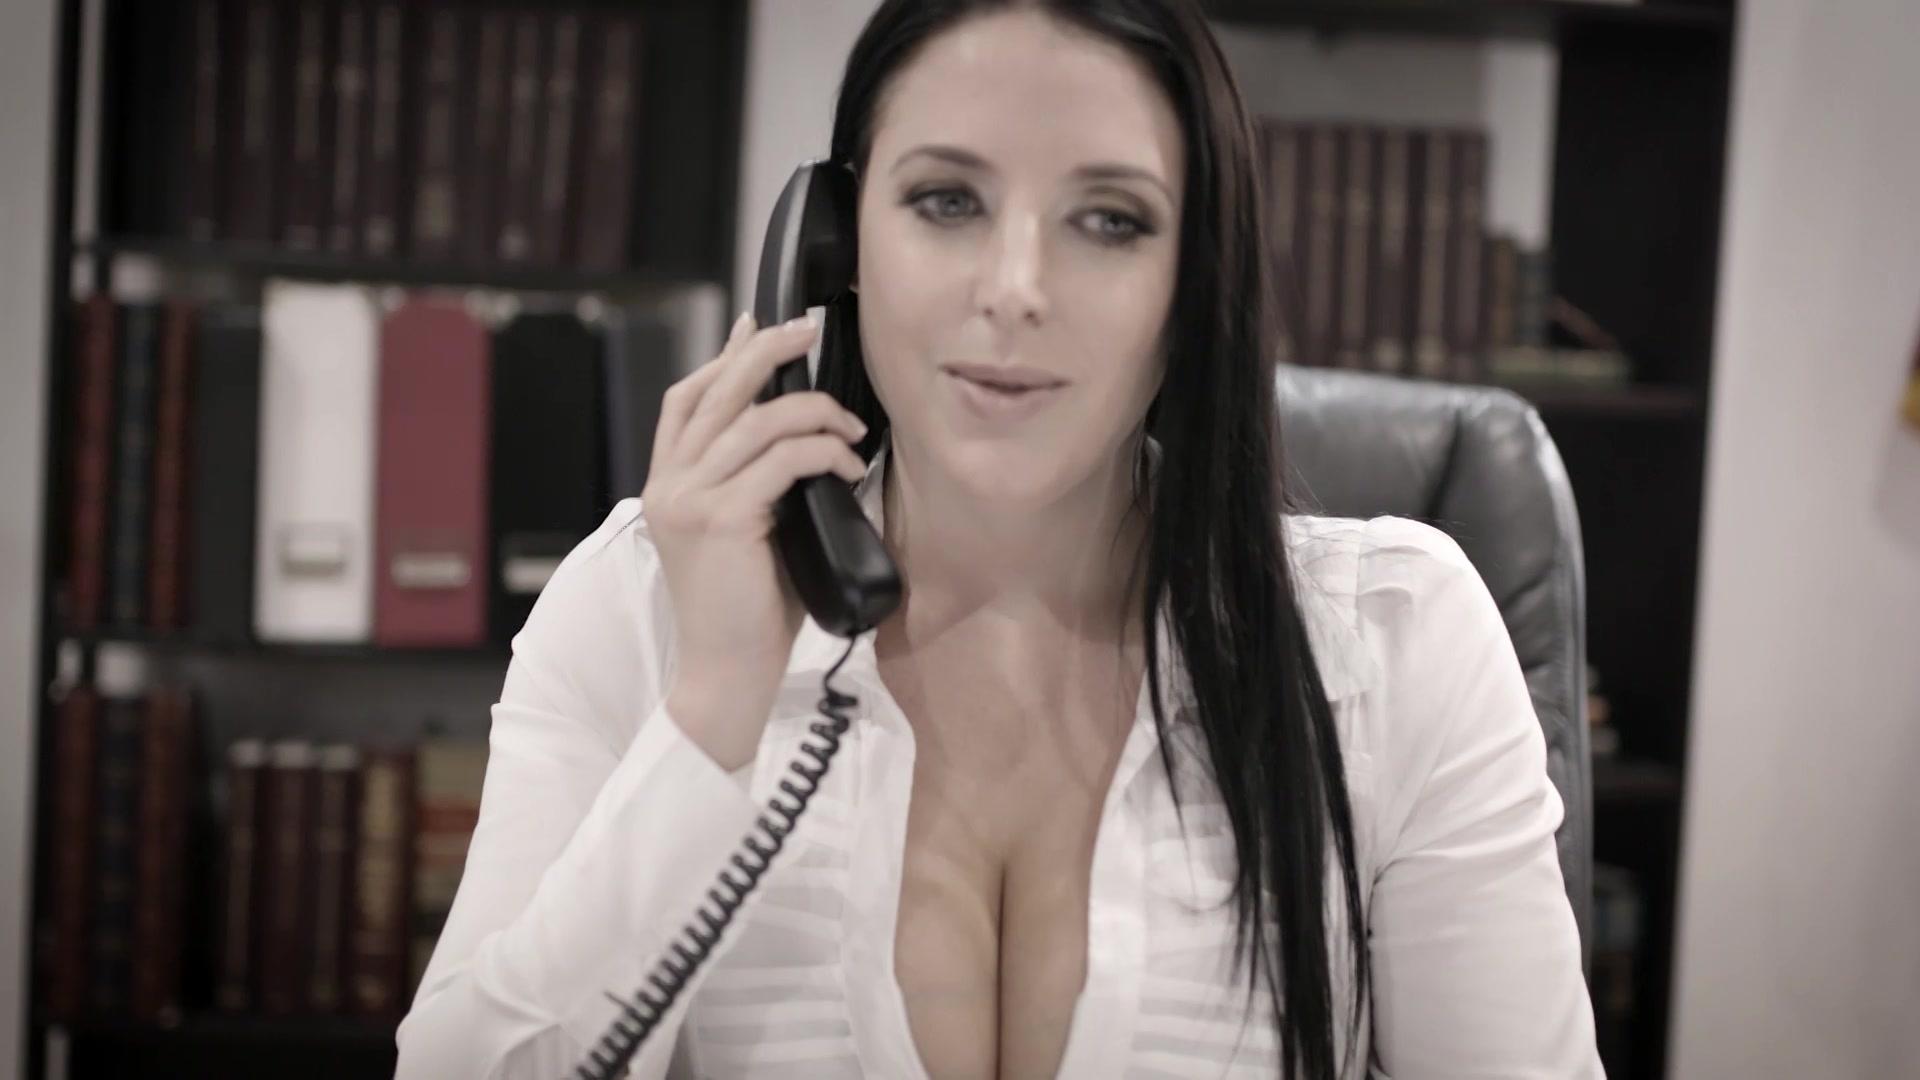 Consequences (2019) Film Erotic Online cu Angela White